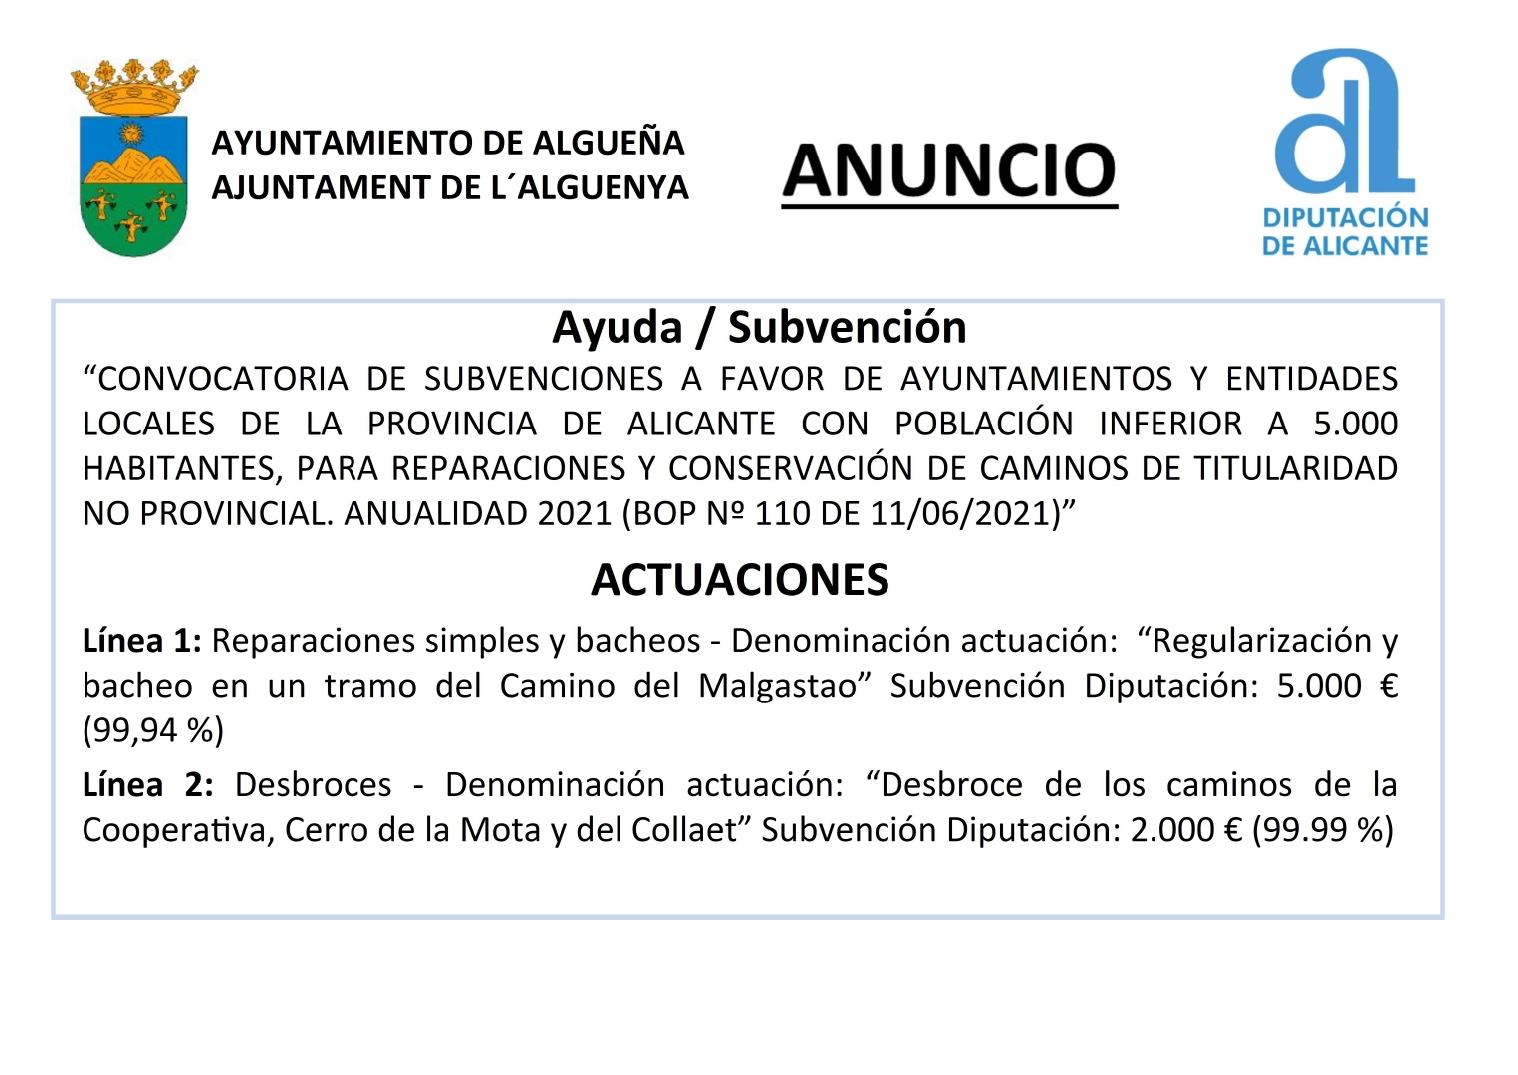 ANUNCIO - Subvención para reparación y conservación de caminos - Anualidad 2021